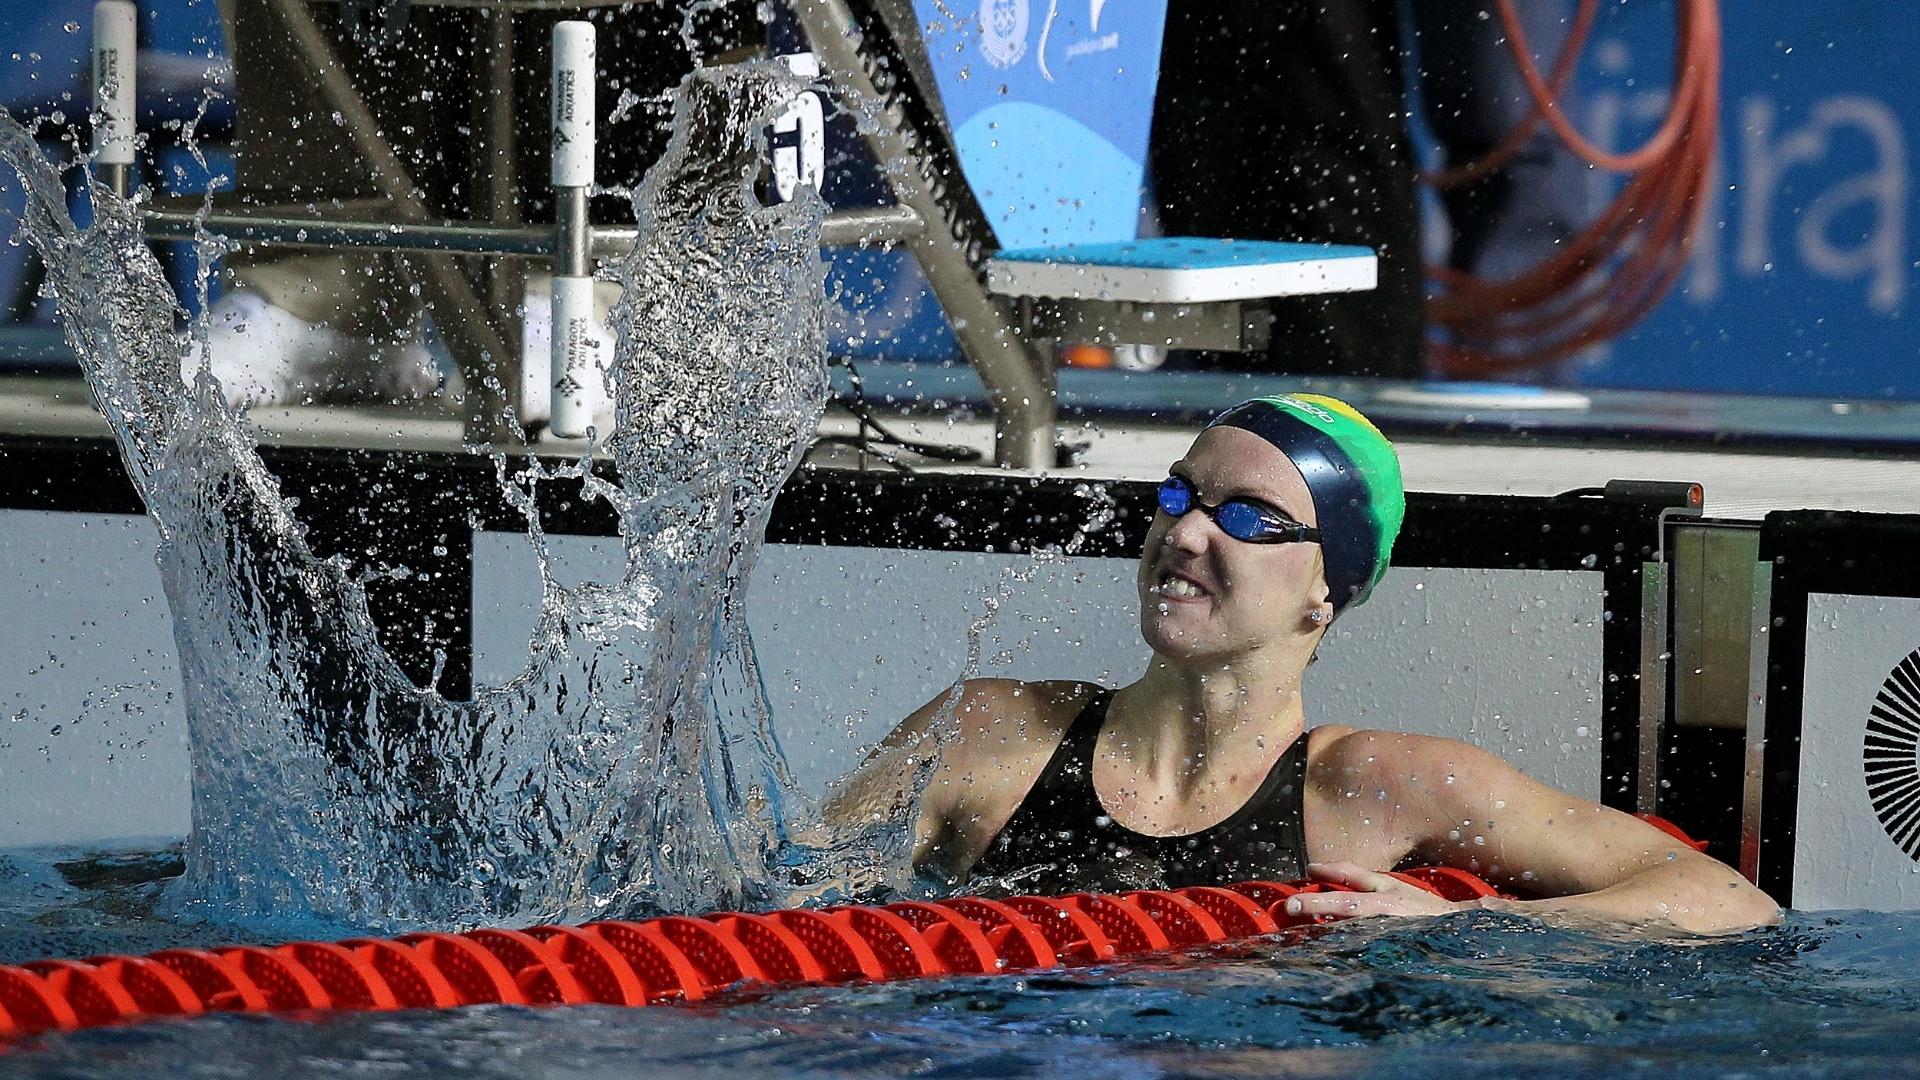 A brasileira Gracielle Herman comemora após fazer o melhor tempo nas eliminatórias dos 50 m livre (21/10/2011)